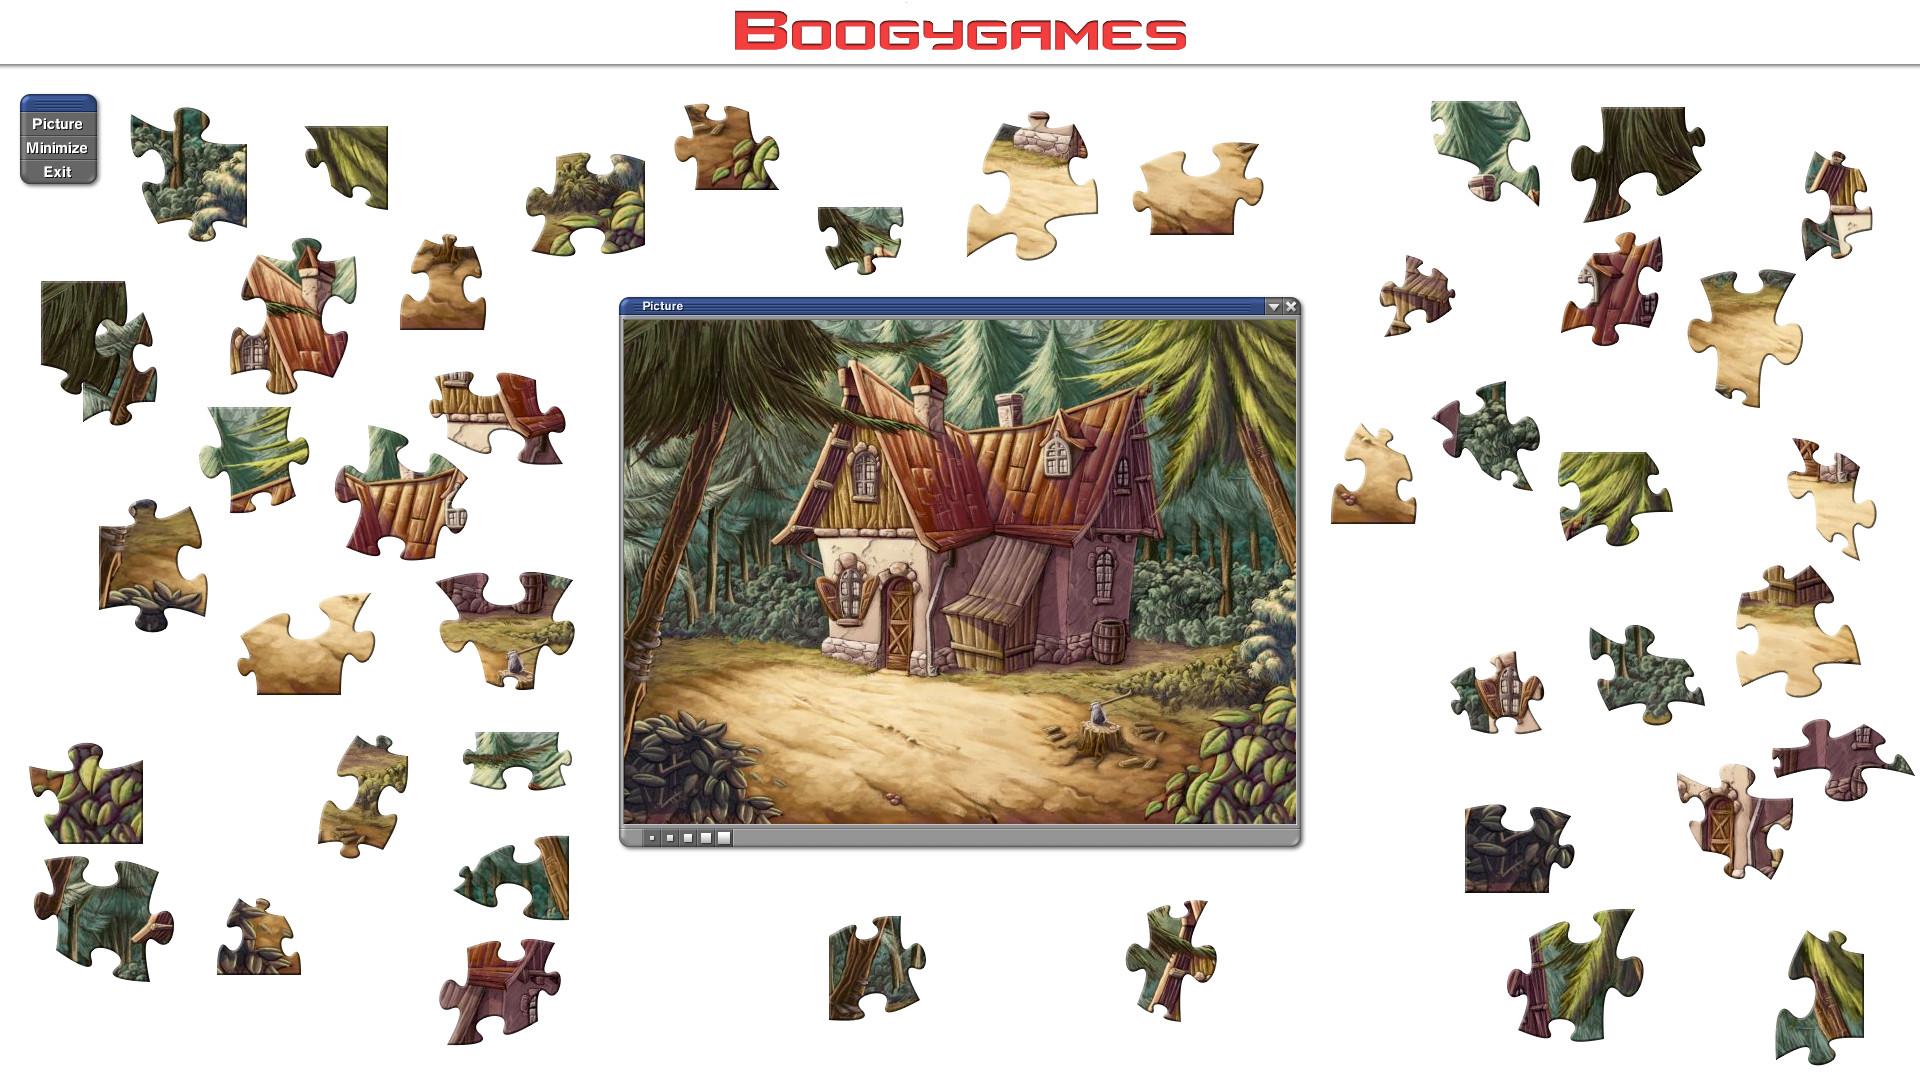 com.steam.707850-screenshot